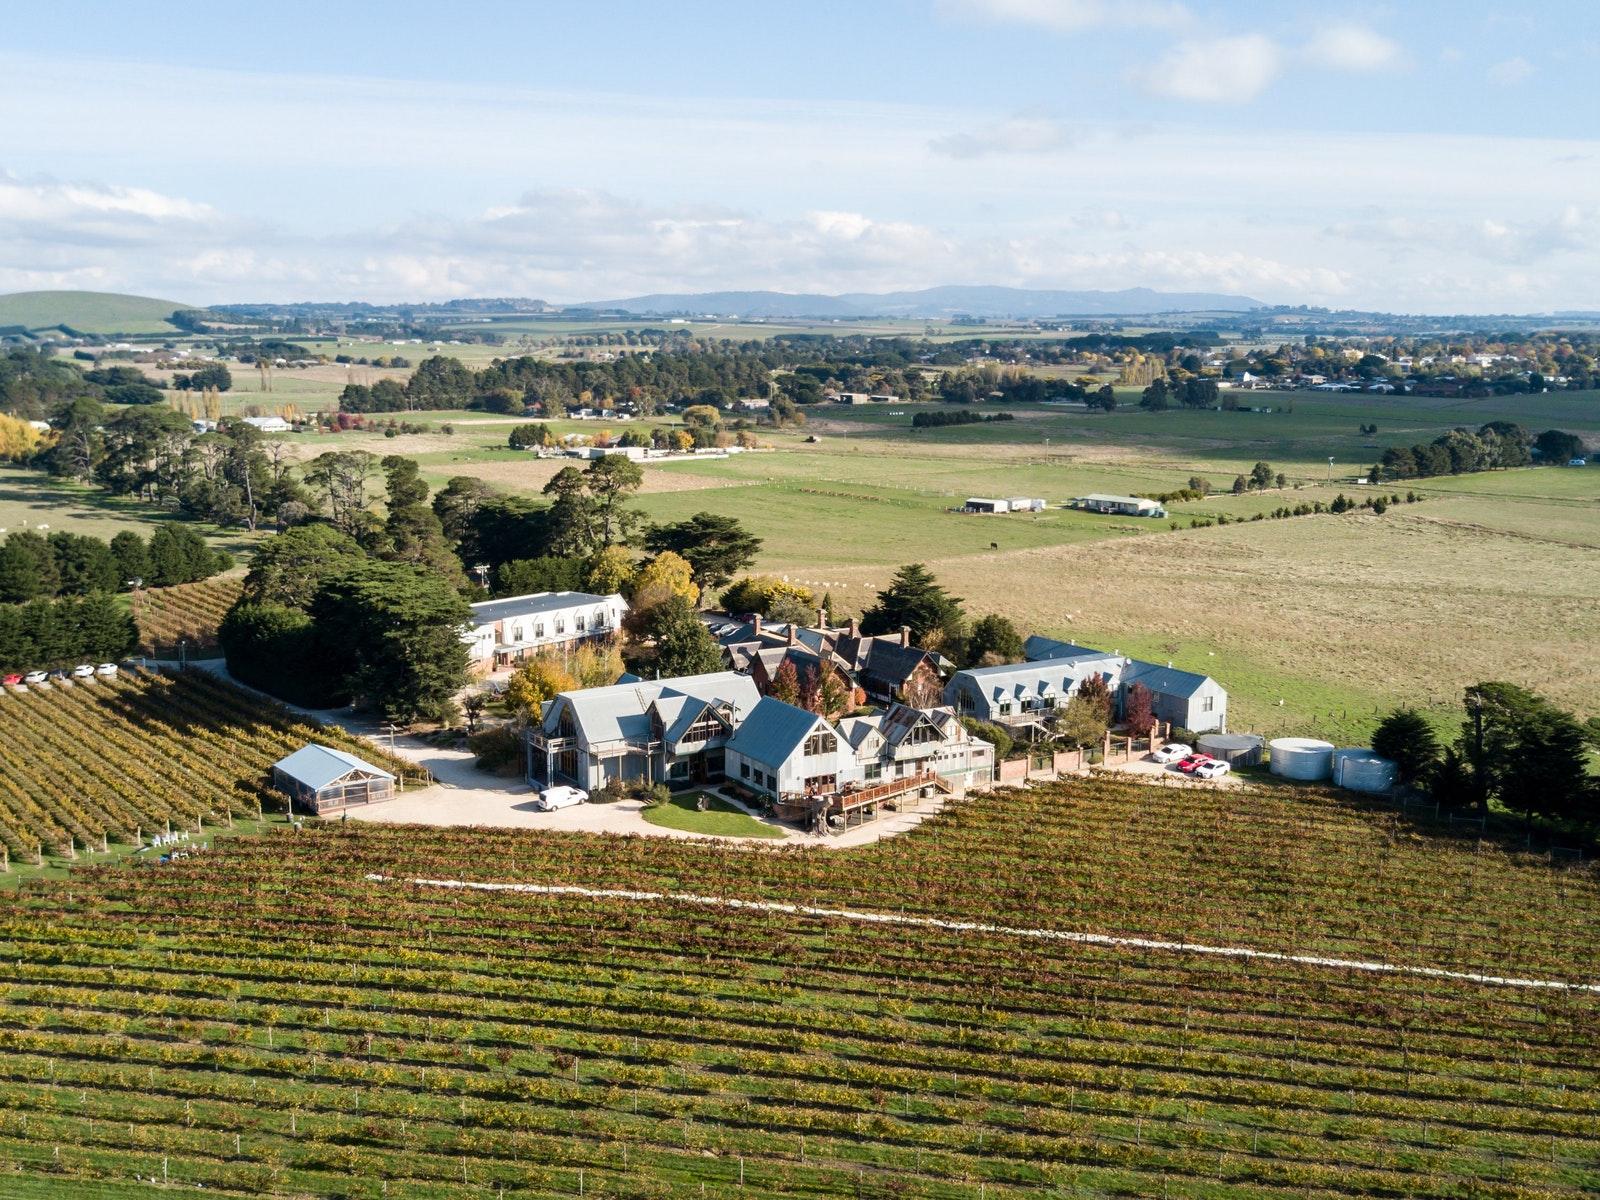 Grange Cleveland Winery